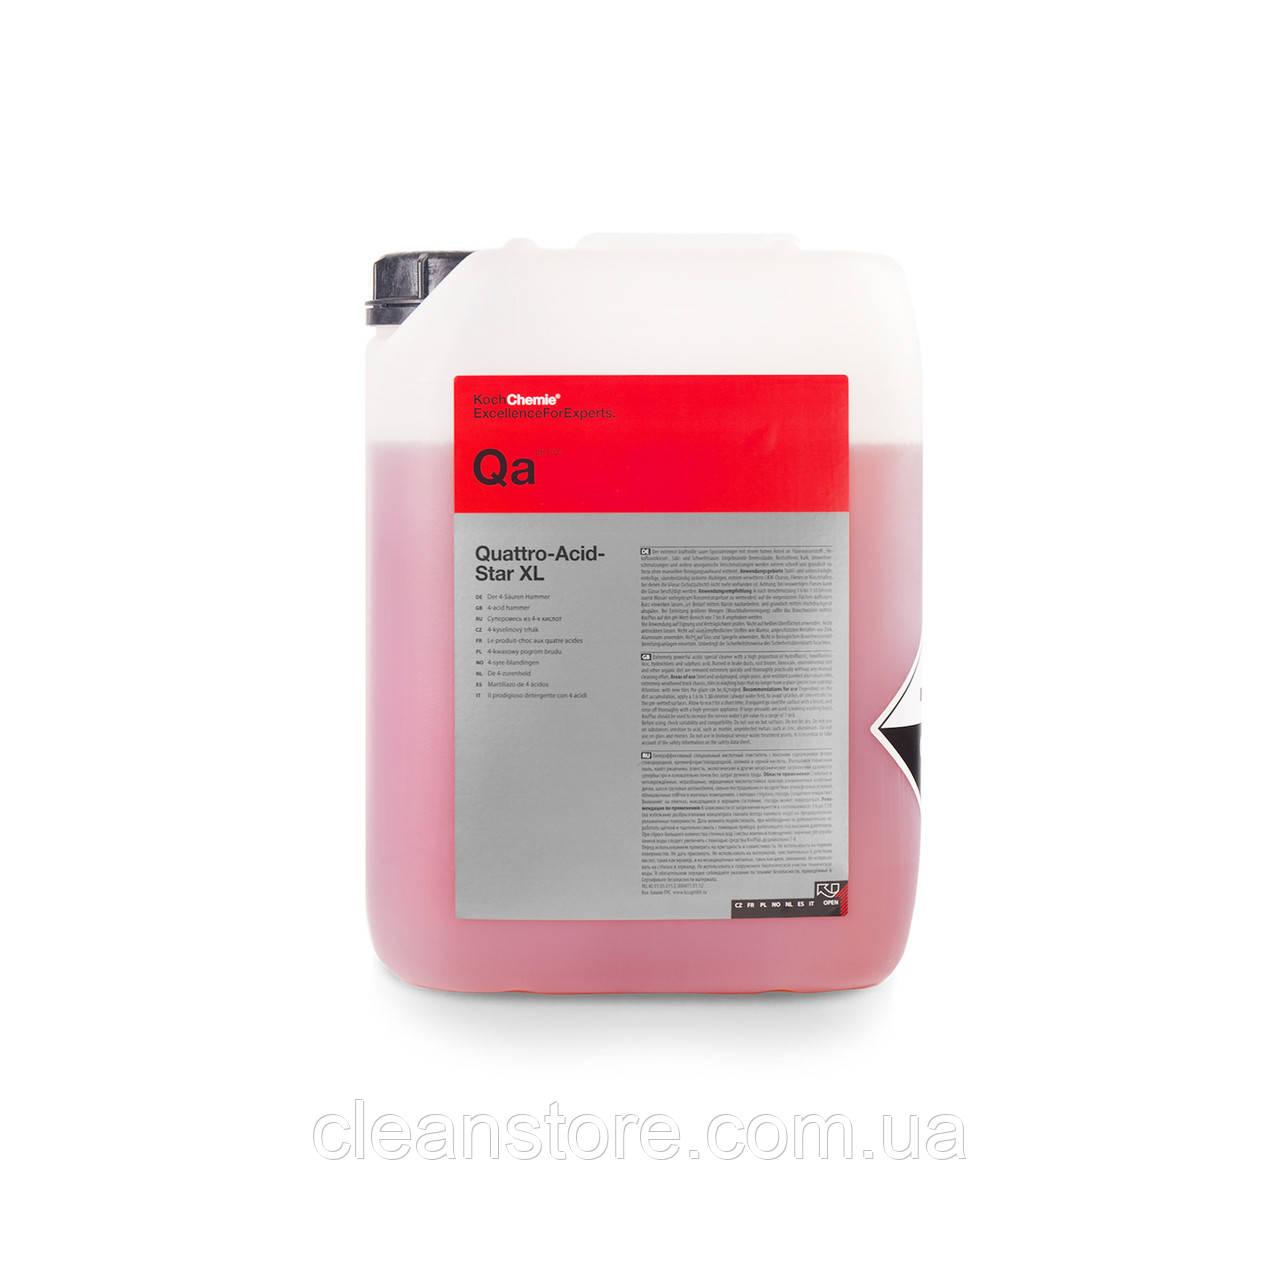 QUATTRO-ACID-STAR XL кислотный очиститель дисков, 11 кг